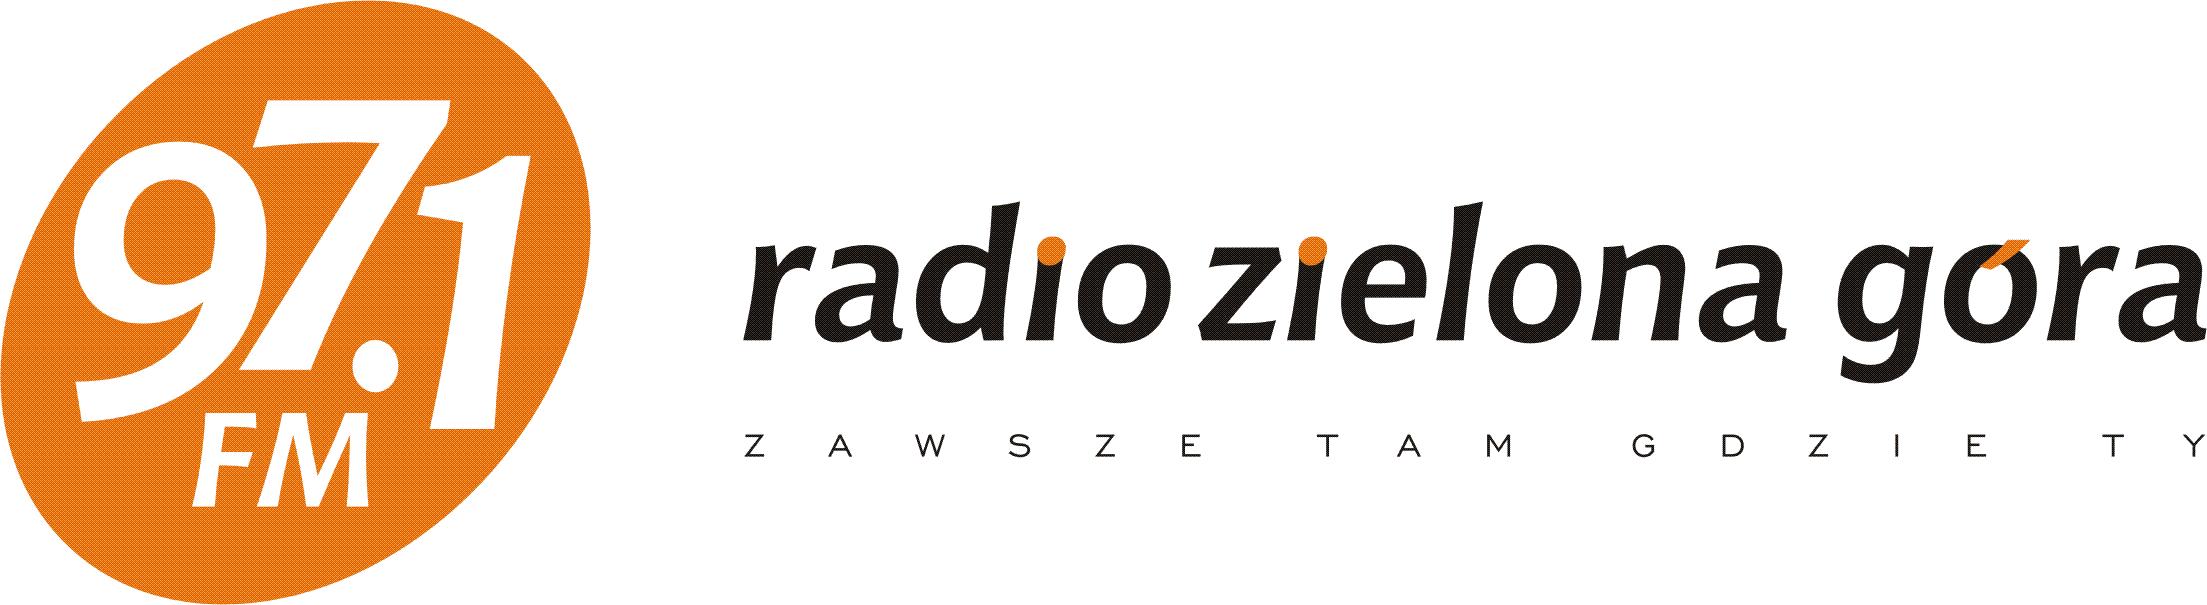 logoRZg